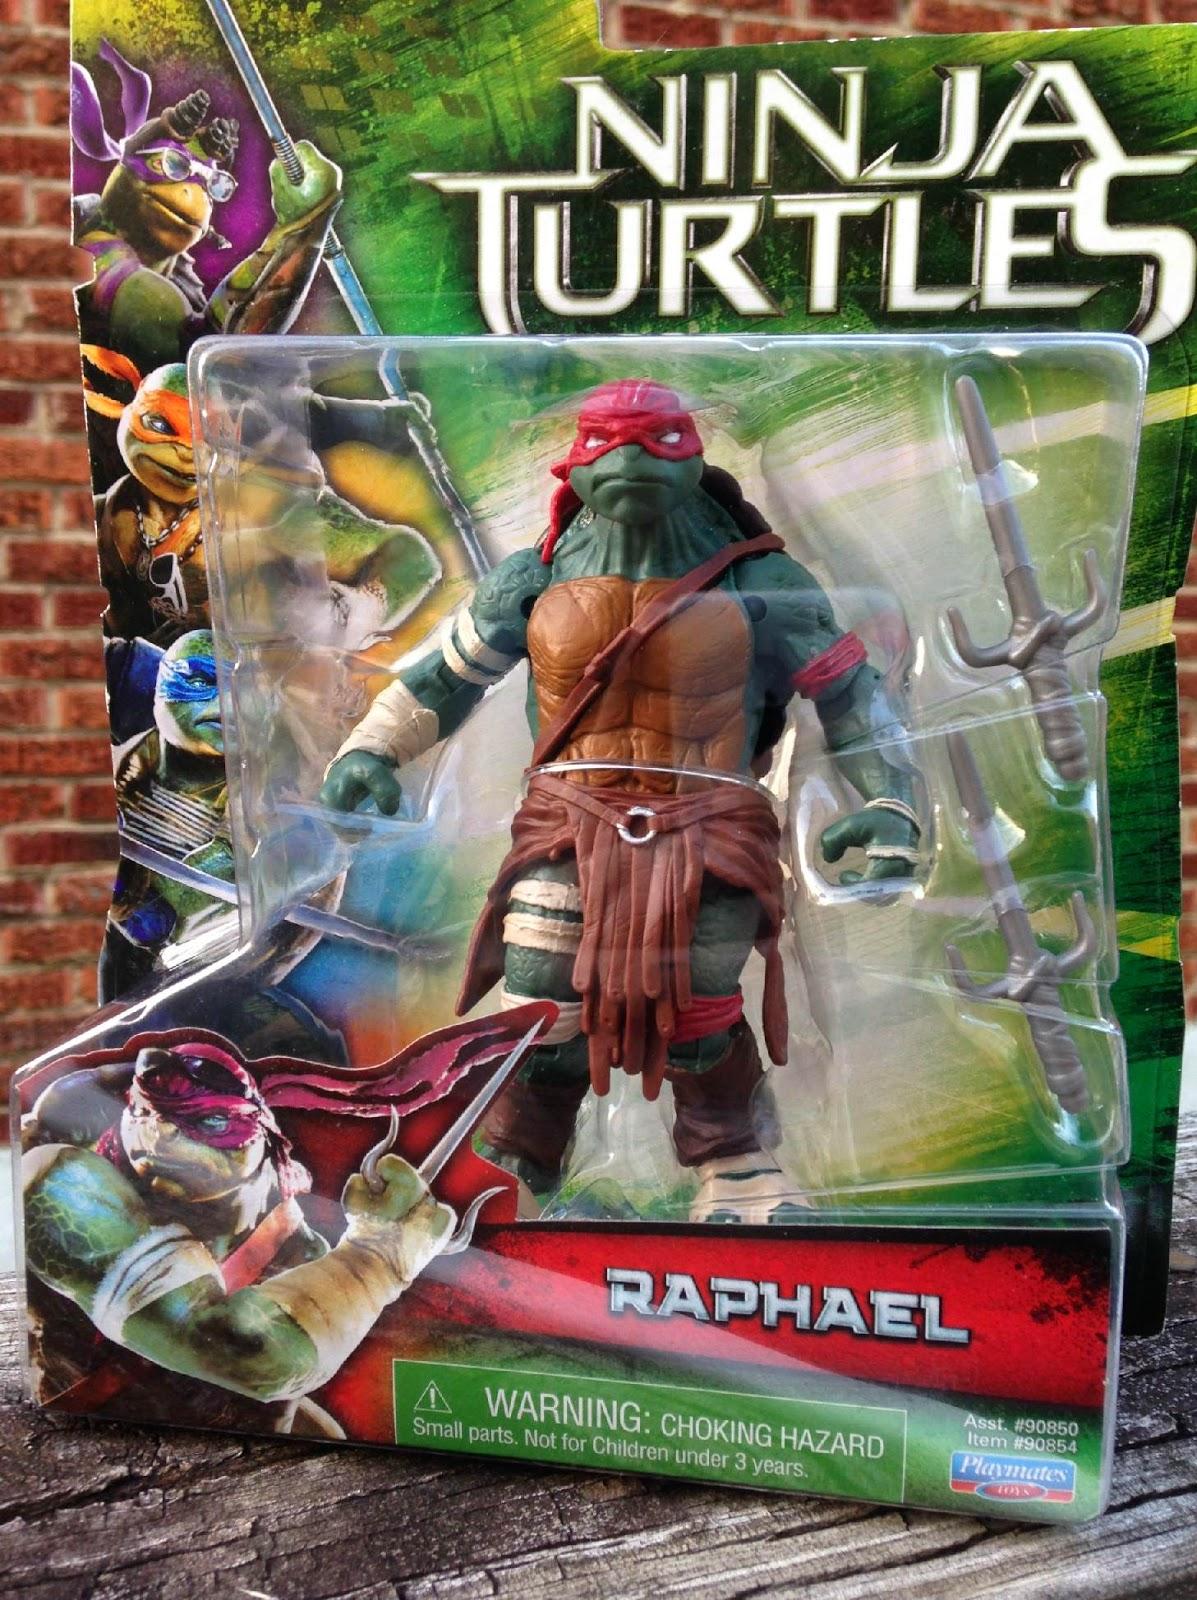 Ninja Turtle New Movie Toys : Download teenage mutant ninja turtles full movie free